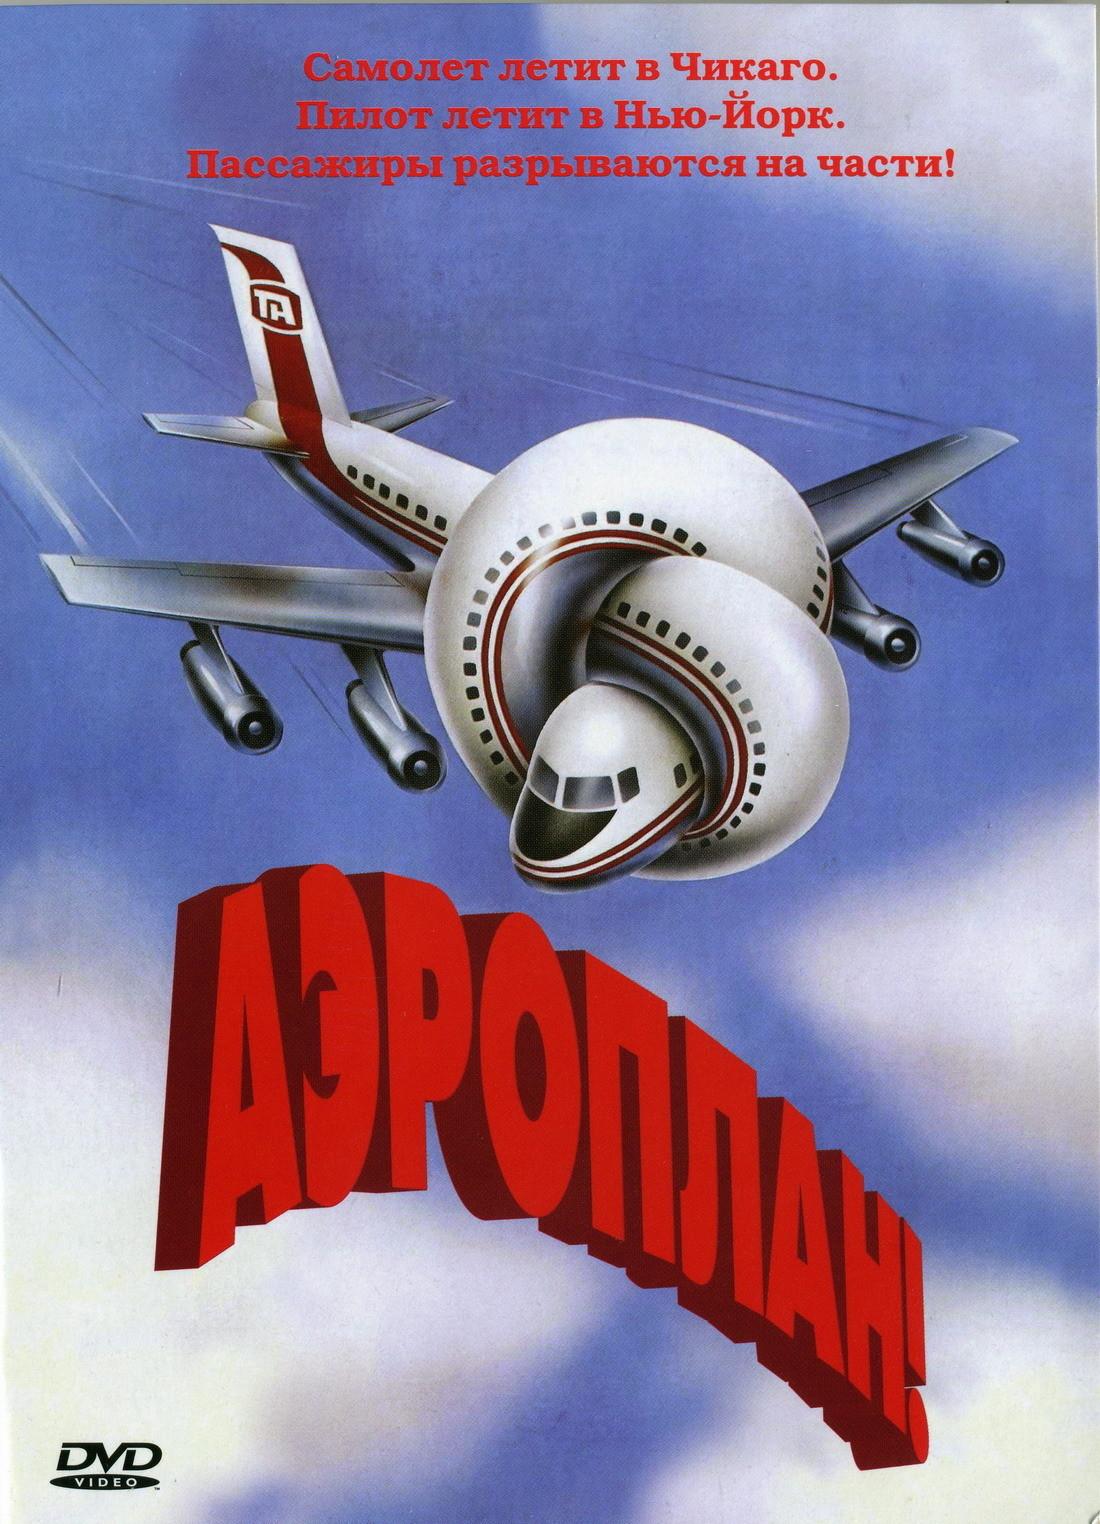 Афоризмы о билетах на самолет как купить билет на самолет в крым